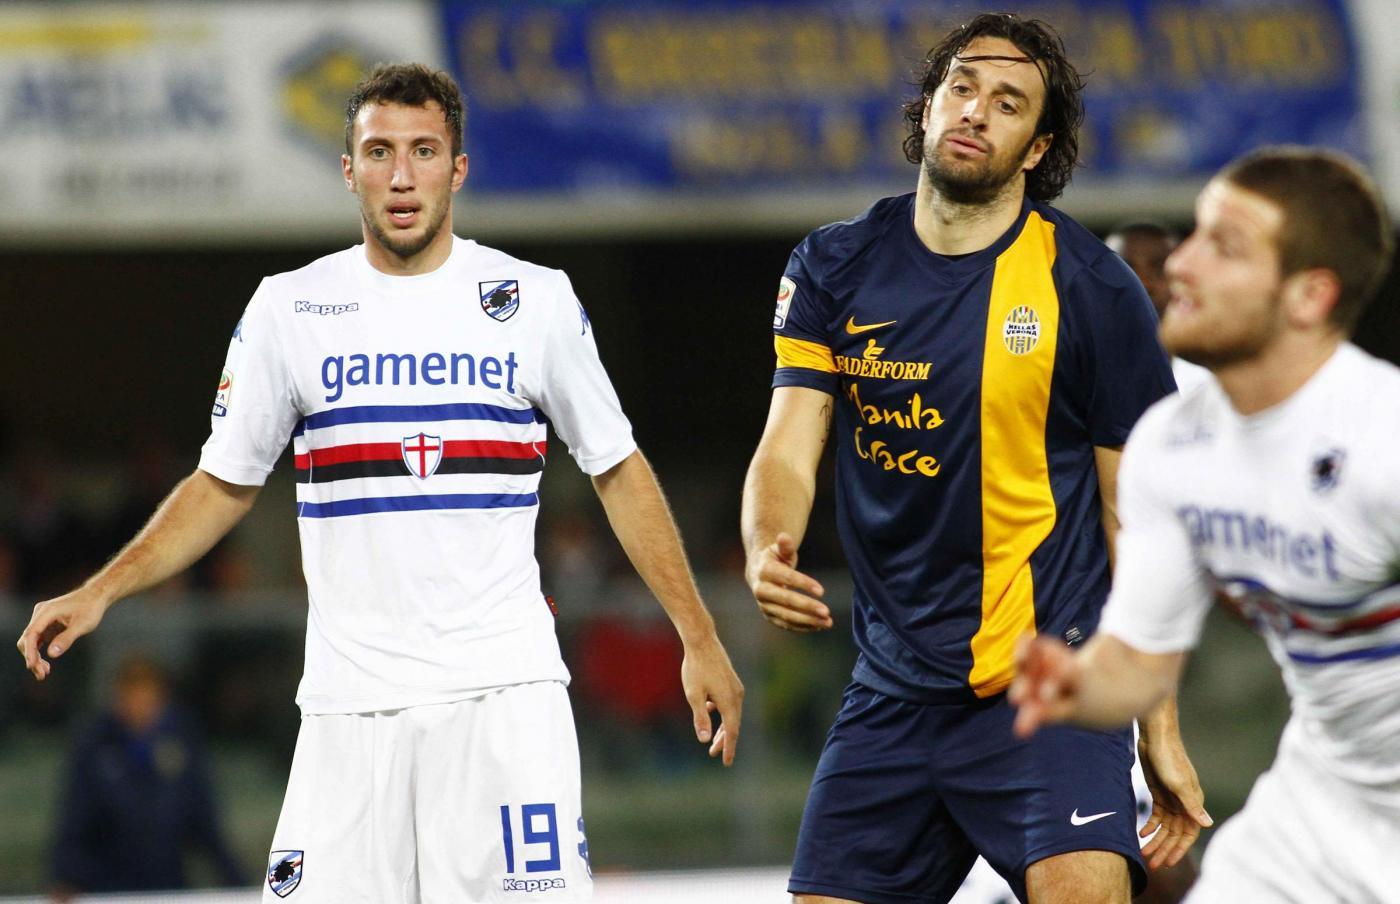 Verona vs Sampdoria 1-3: una vittoria che mancava da 45 anni